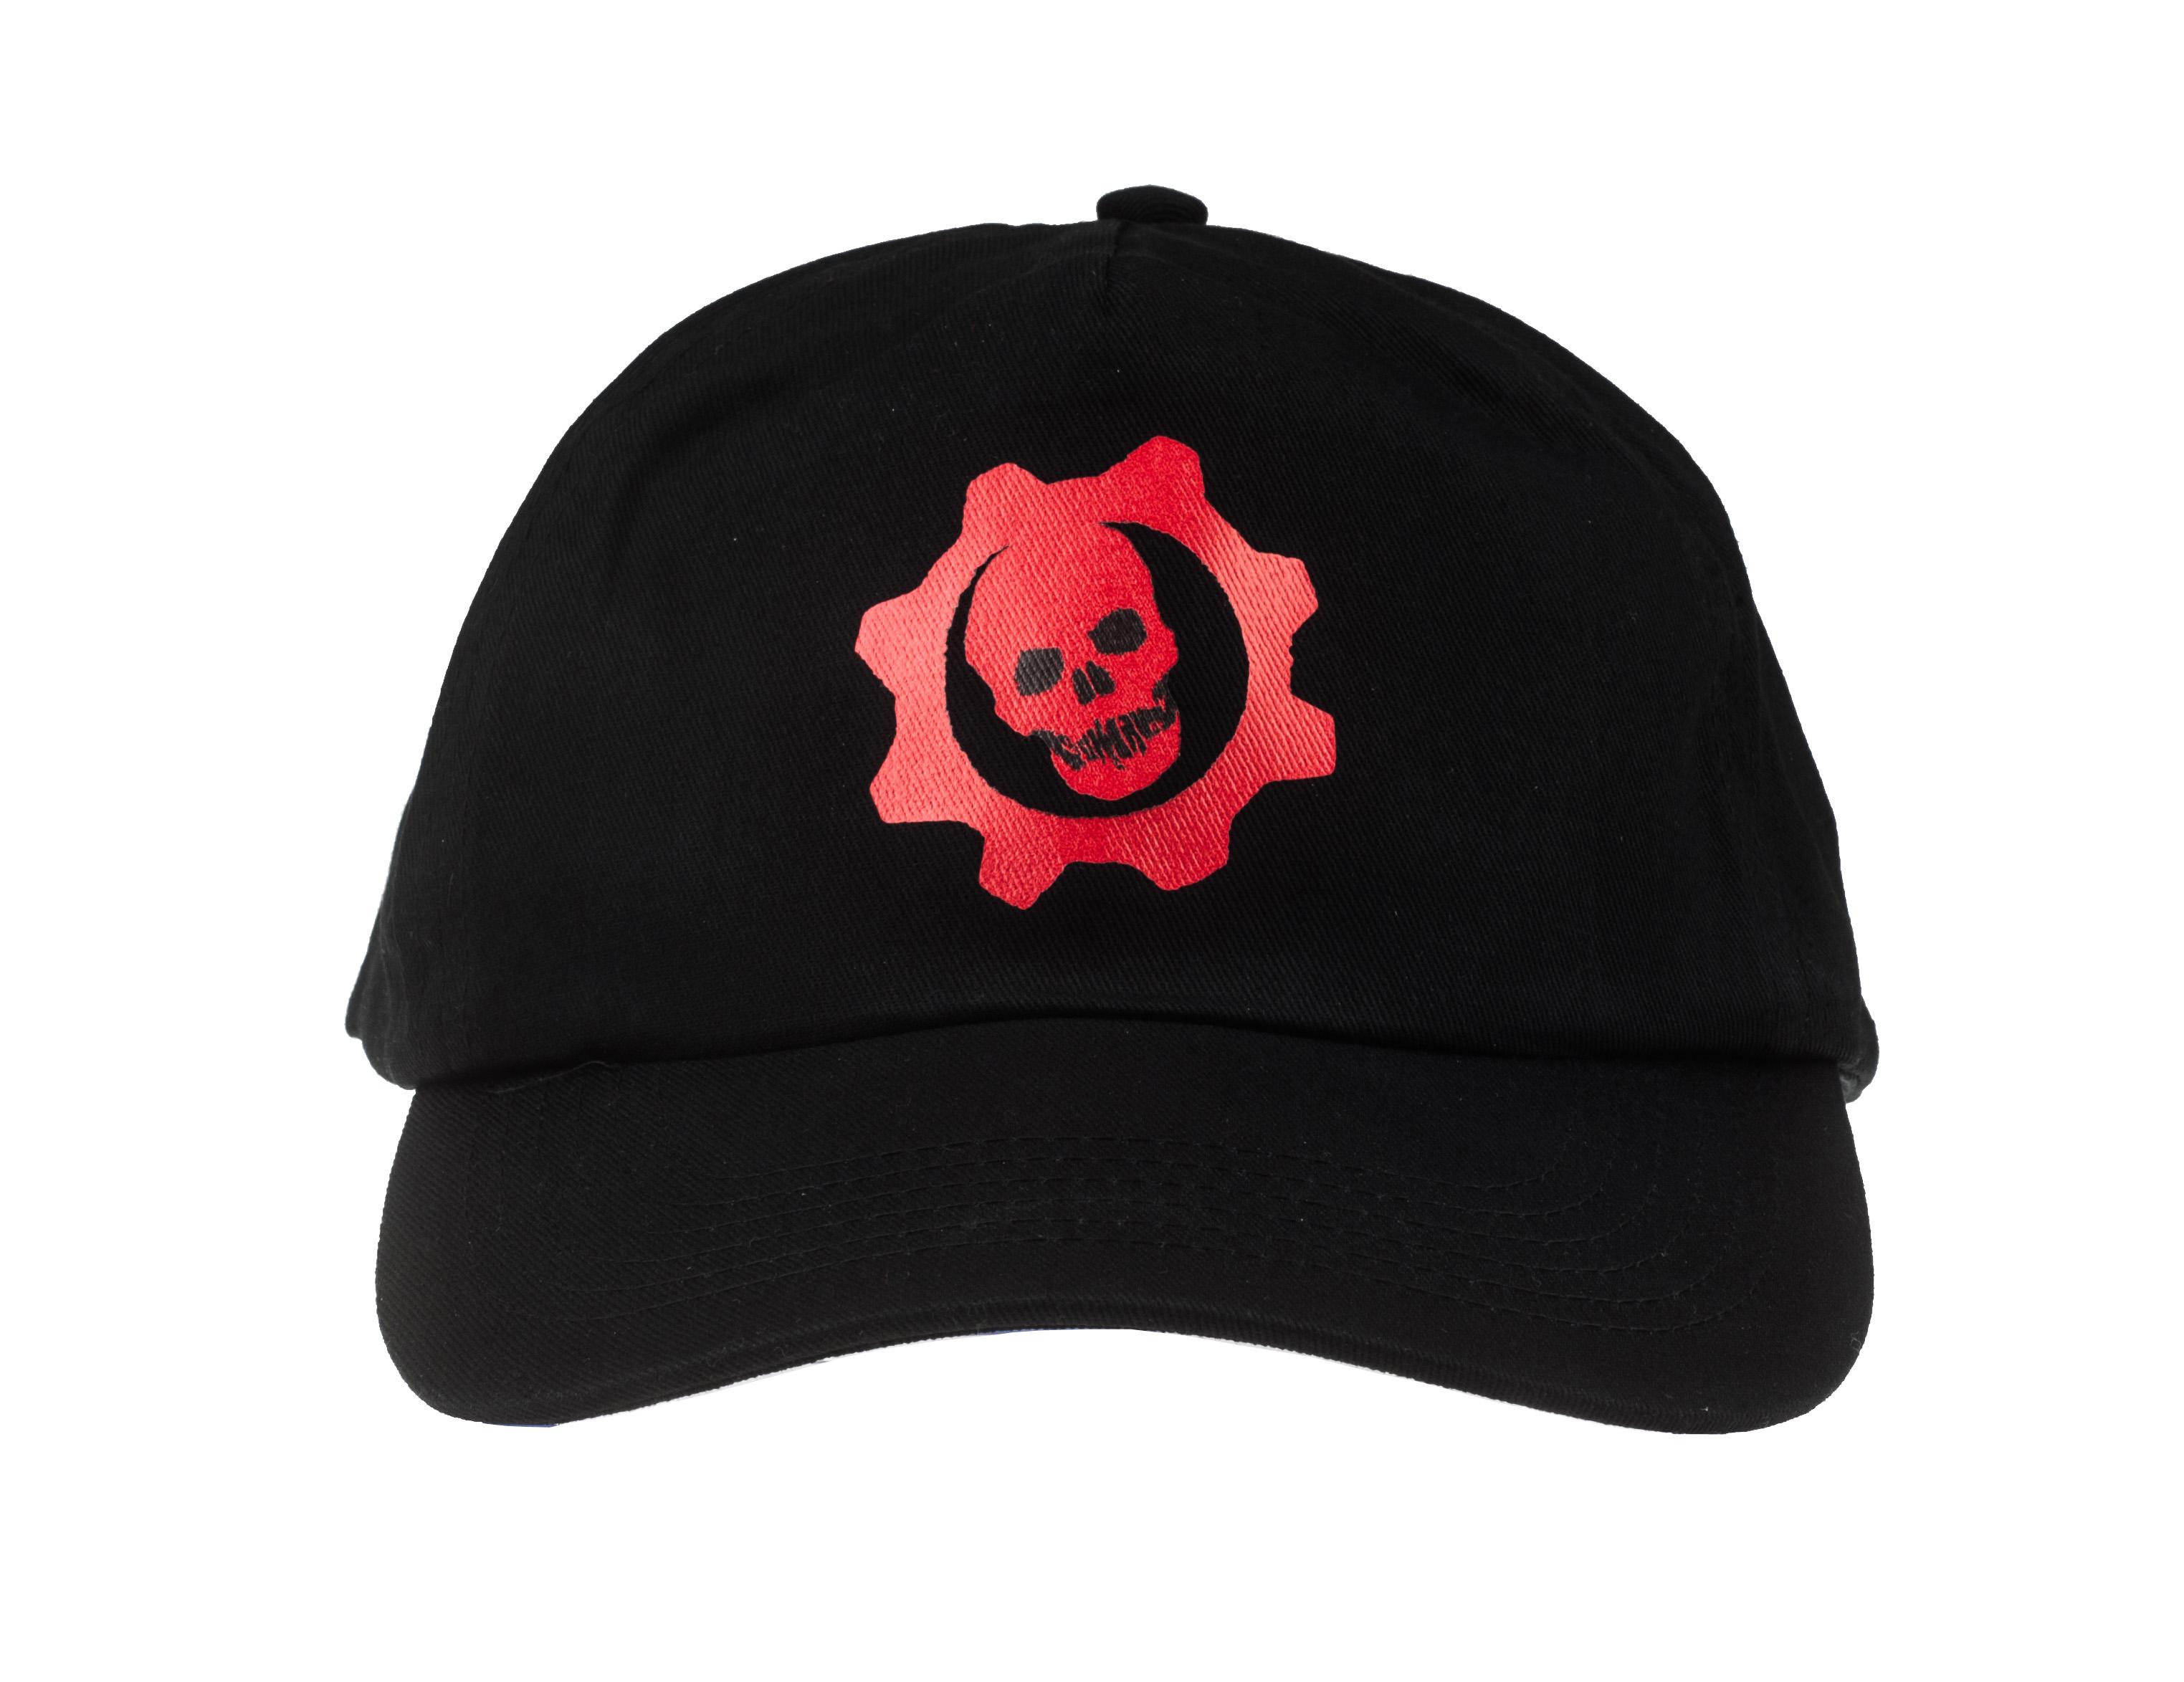 Gears of War 4 - Black Omen Czapka